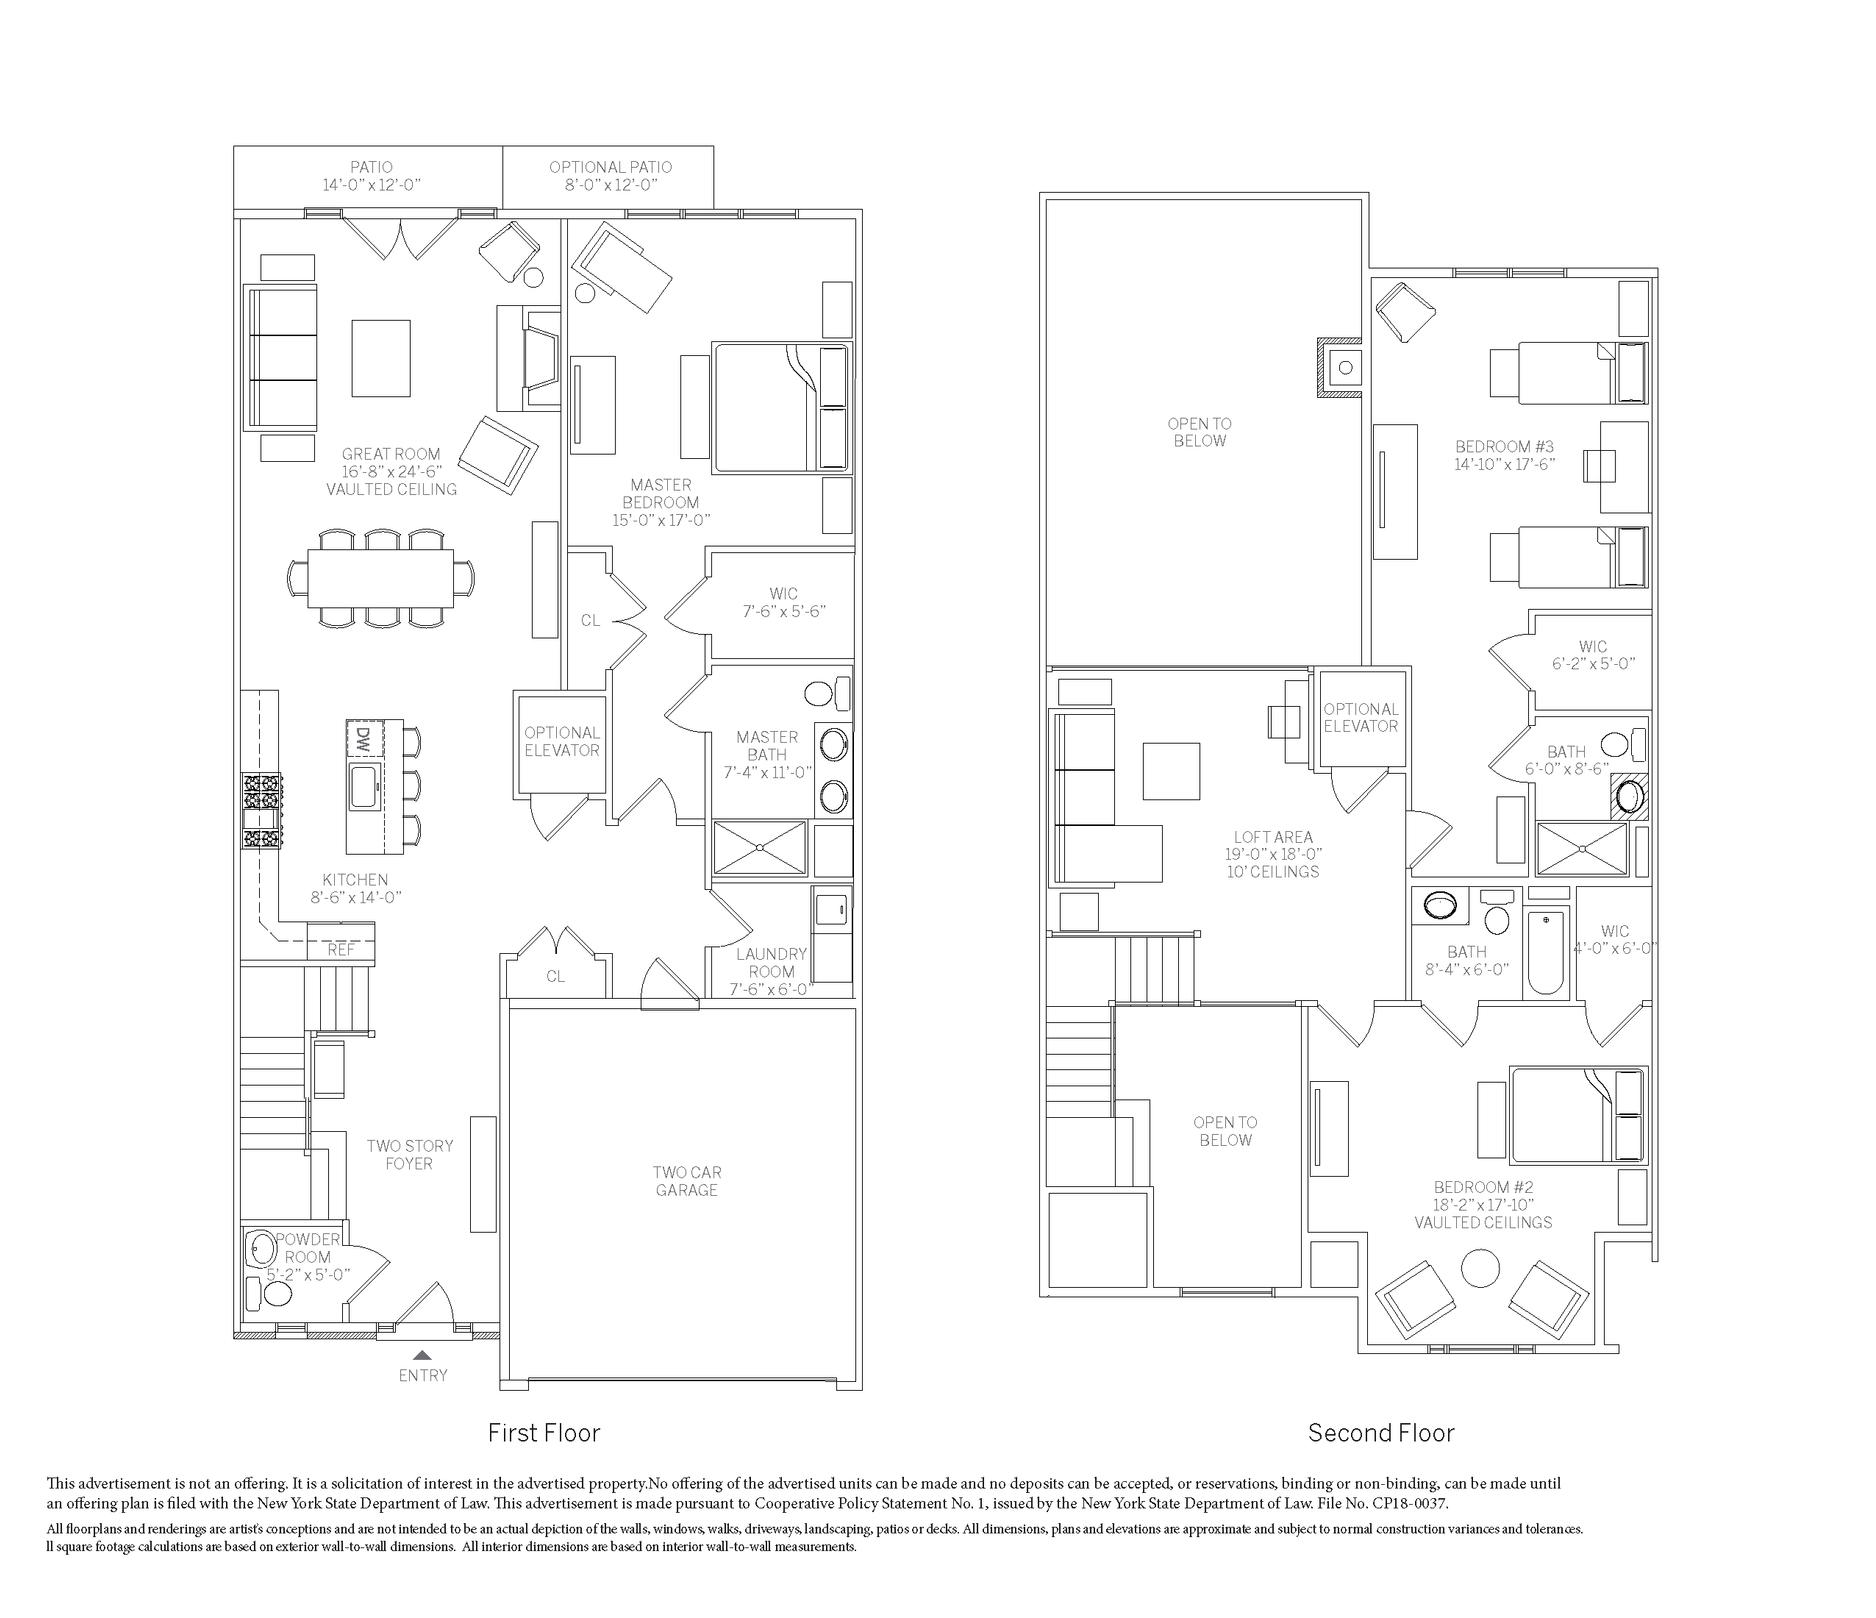 KE Floorplans 11 x 17 8.png